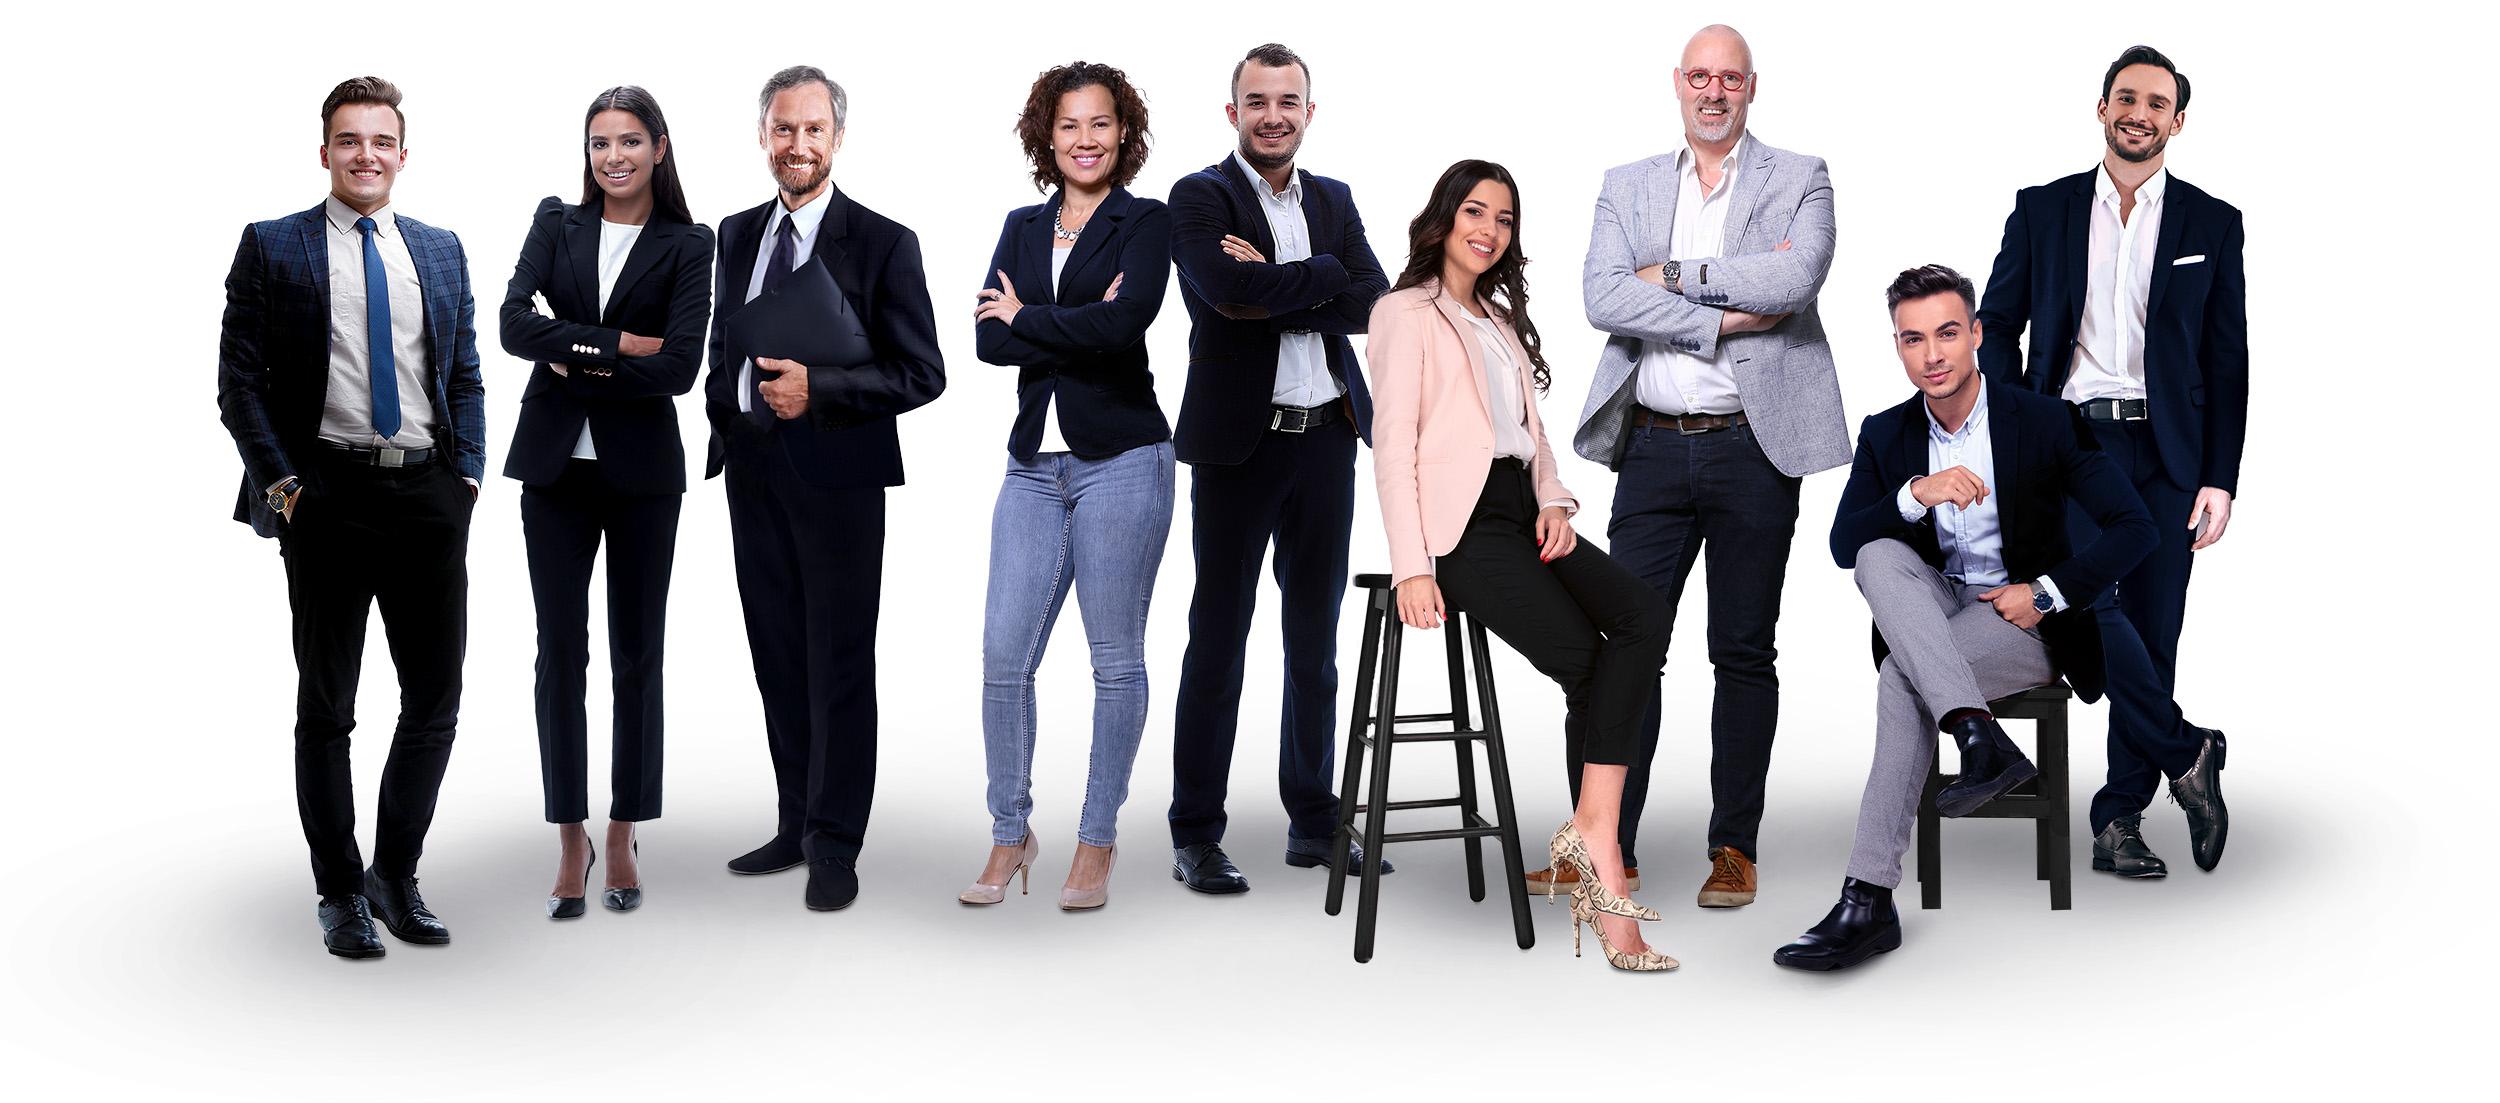 Engineers of Finance, das bundesweite Premium-Netzwerk handverlesener und wirtschaftlich selbständig agierender Finanzexperten für Ihre finanziellen Ziele!